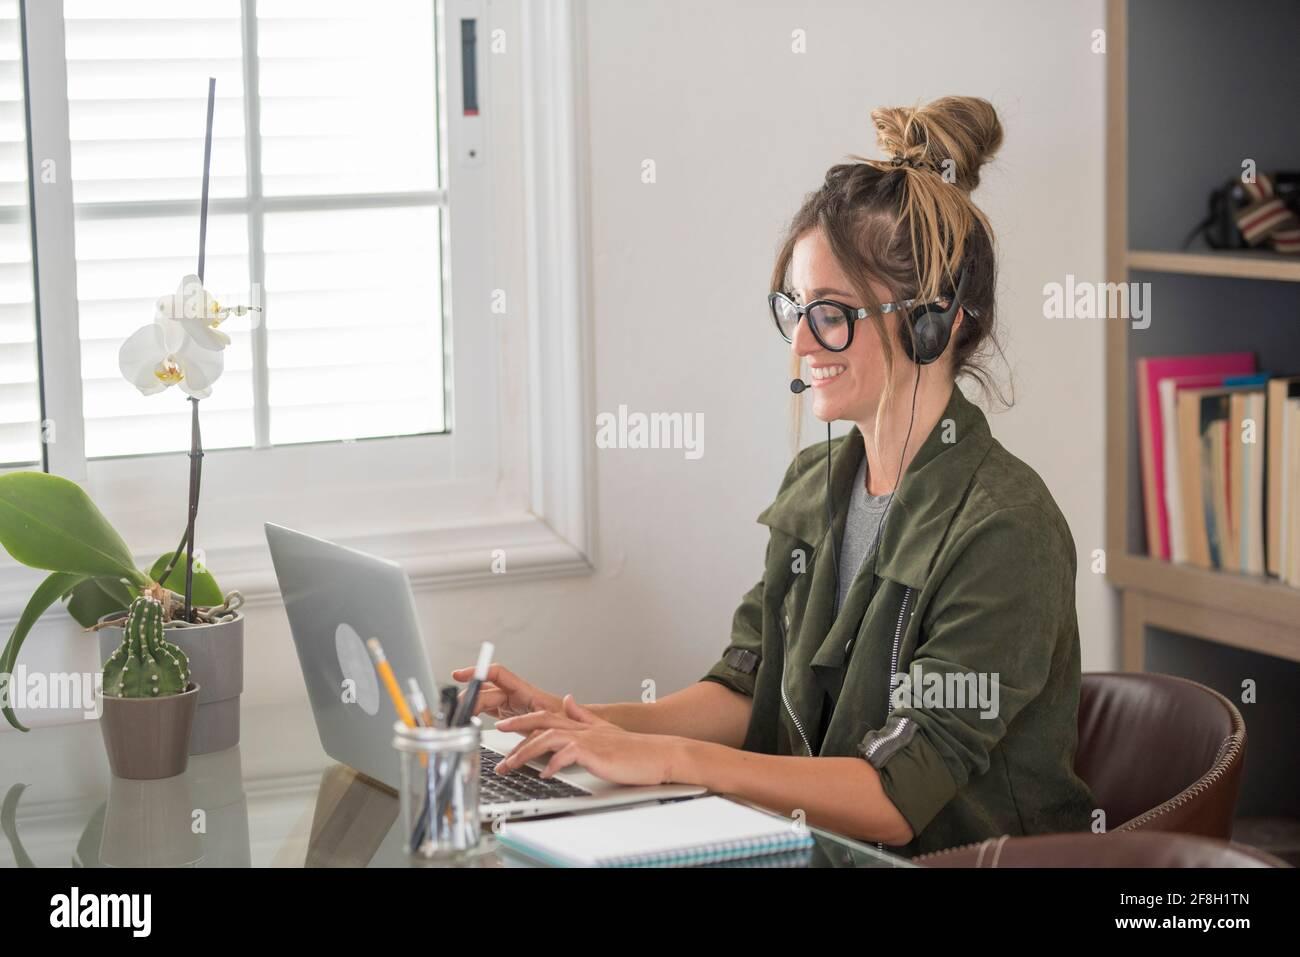 Feliz mujer joven adulta en videoconferencia en casa en el estilo de vida de trabajo de oficina alternativa libre de trabajo inteligente - bonito las mujeres reciben noticias Foto de stock